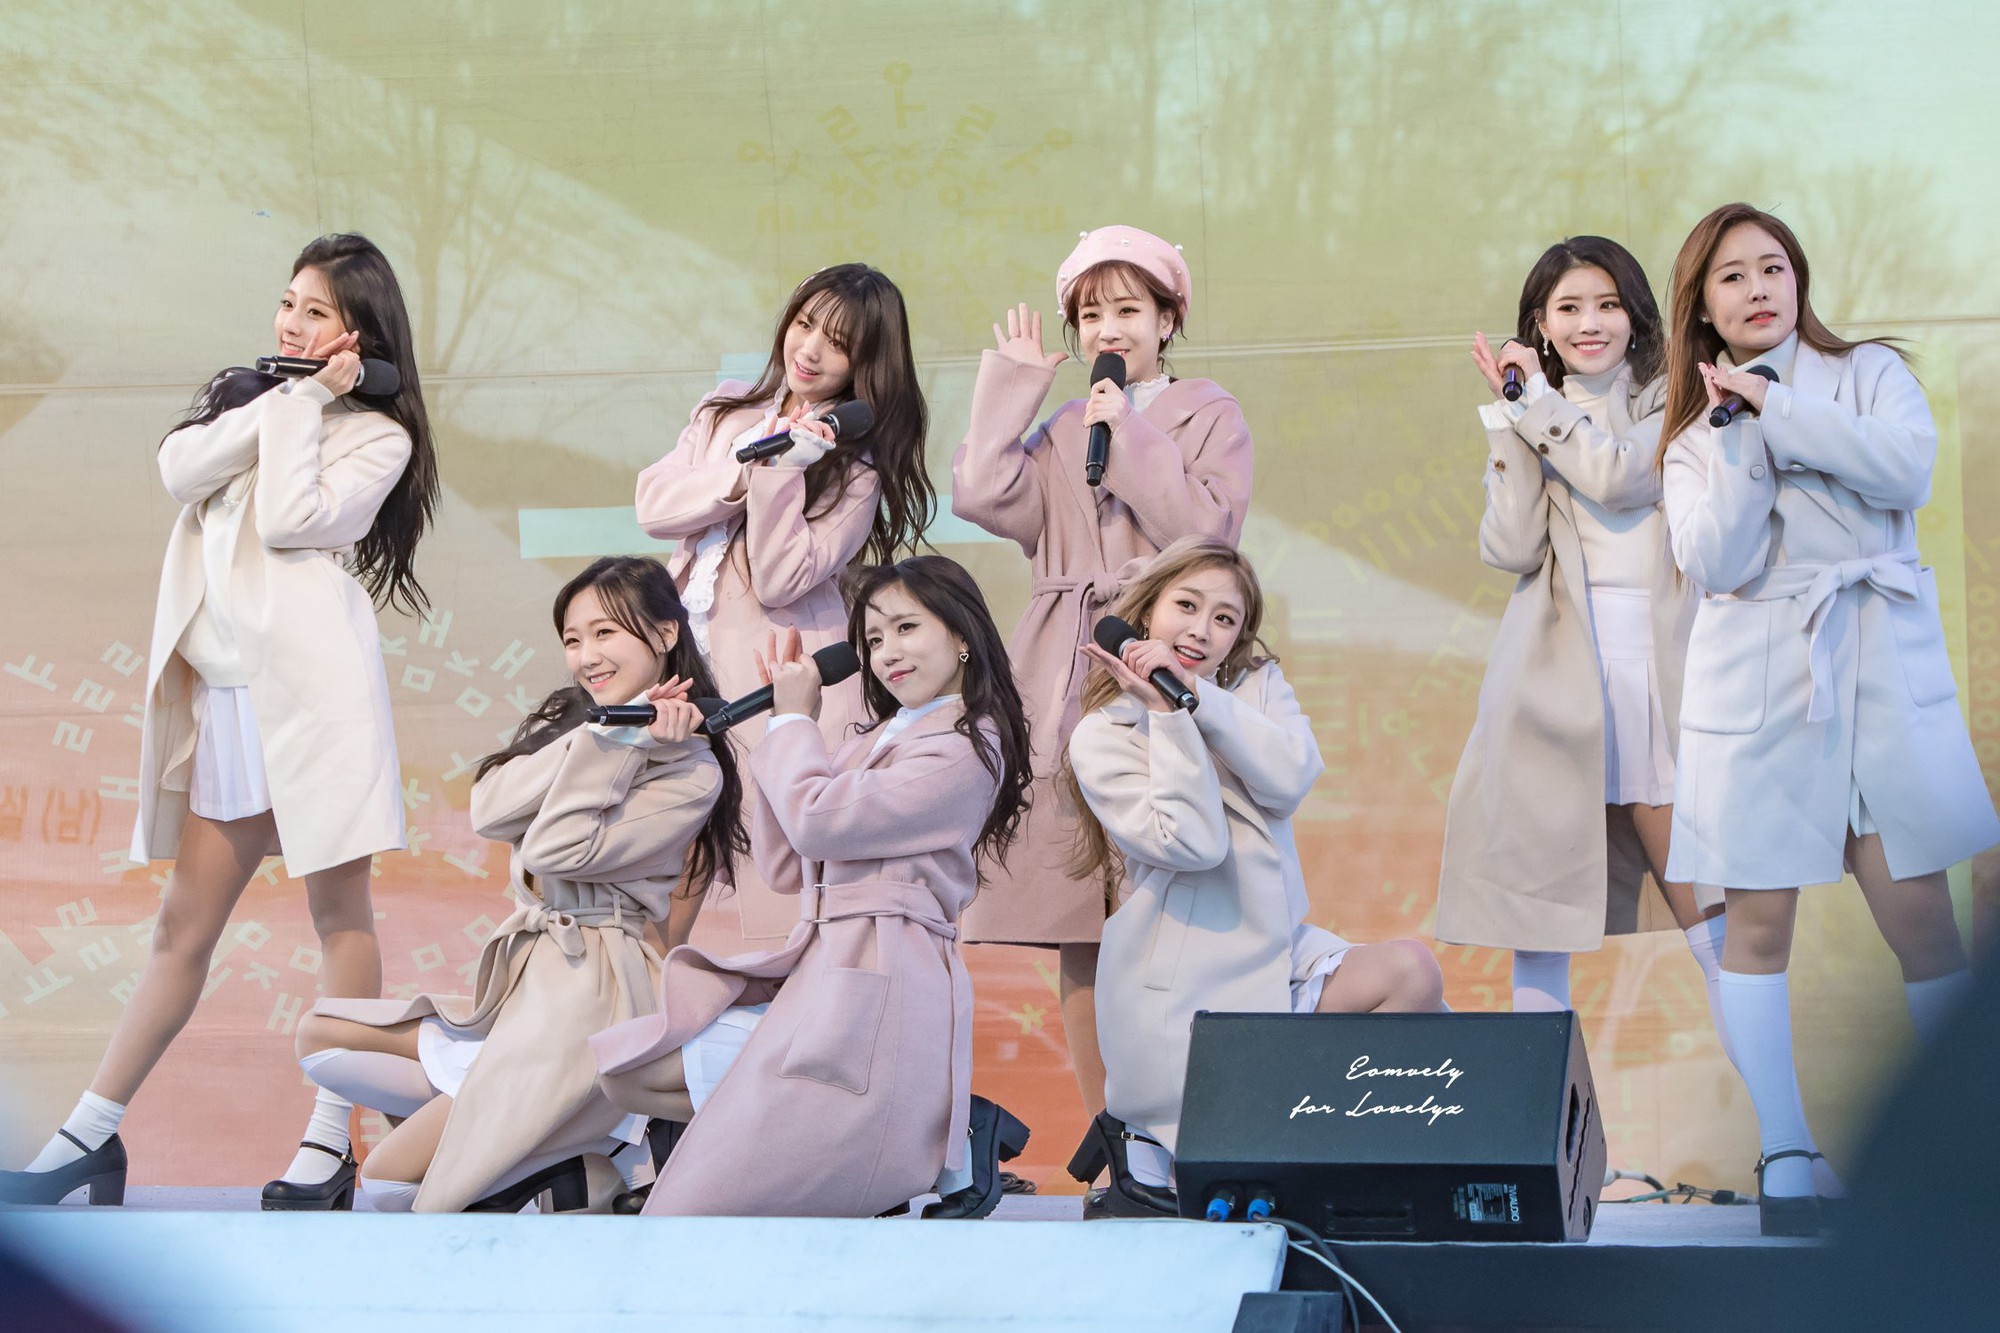 Biểu diễn trong trang phục mỏng manh giữa tiết trời lạnh giá, các idol nữ xứ Hàn khiến nhiều netizen xót xa - Ảnh 1.